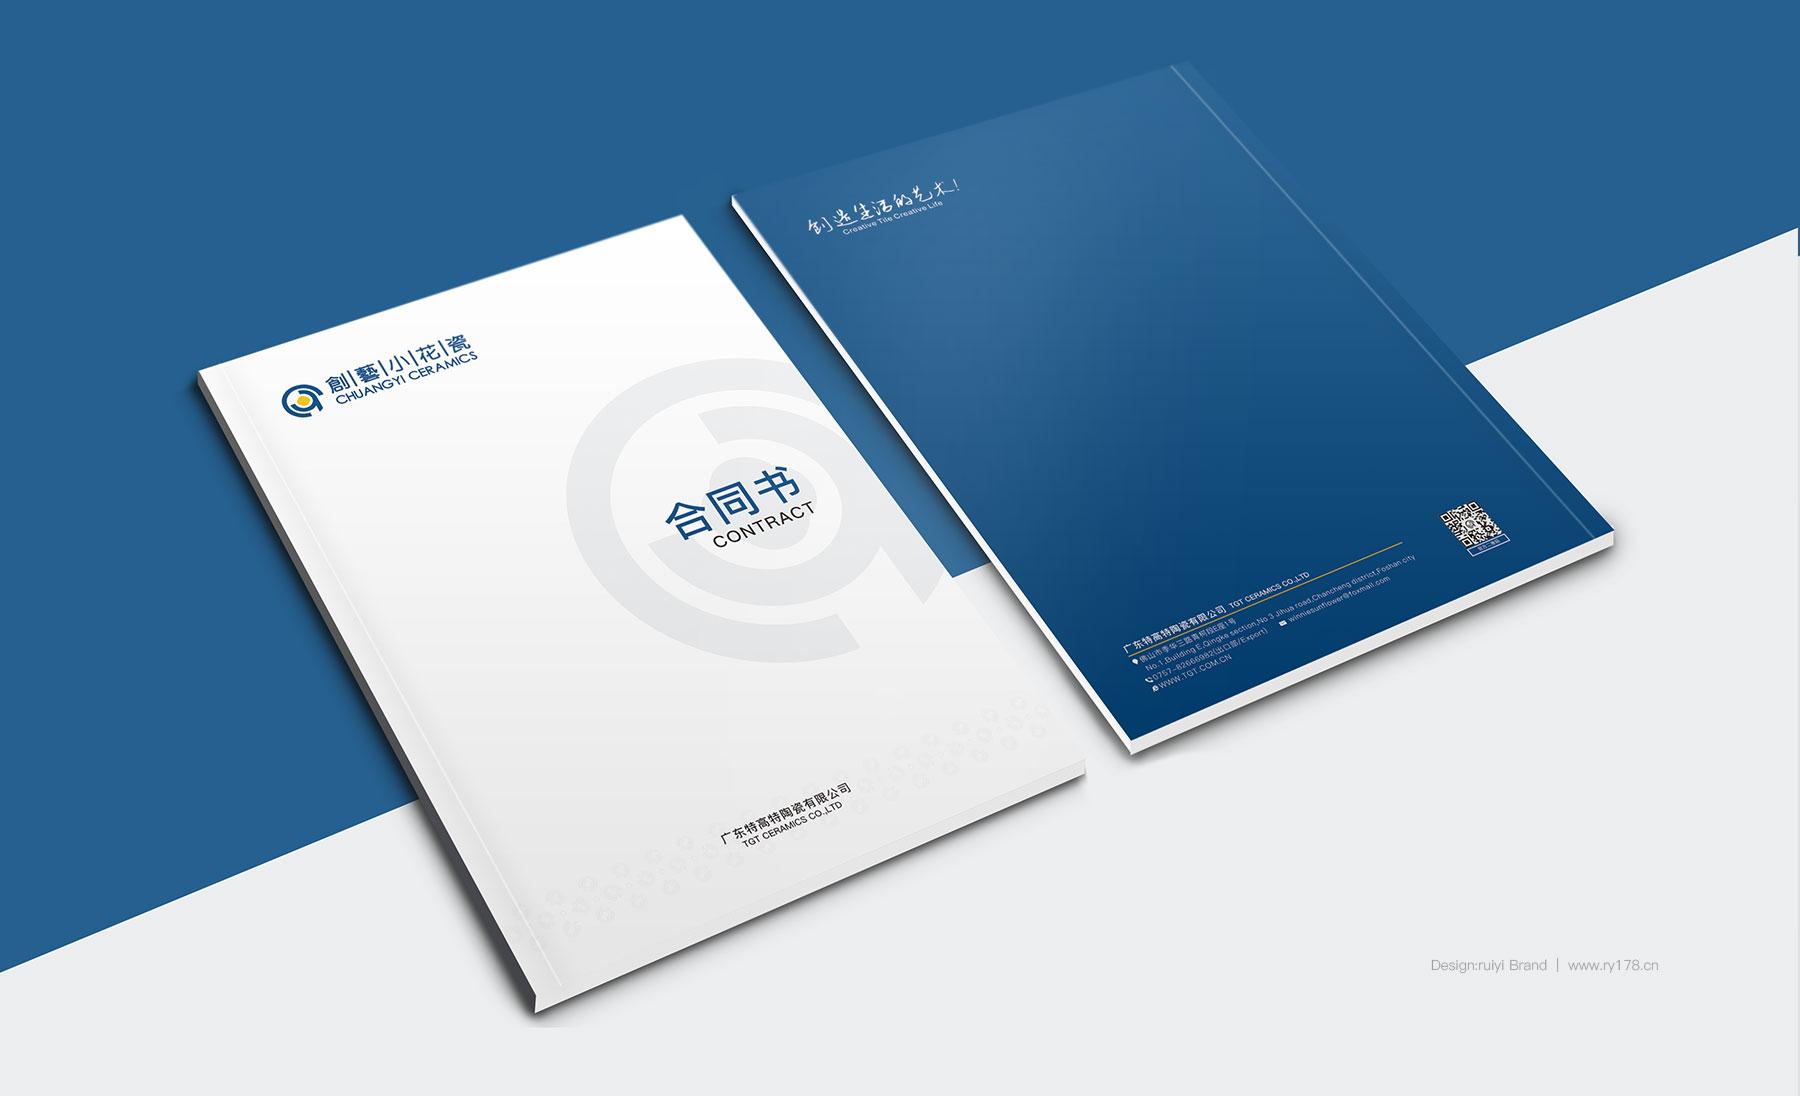 陶瓷品牌产品包装设计-合同书祁阳房屋设计公司图片